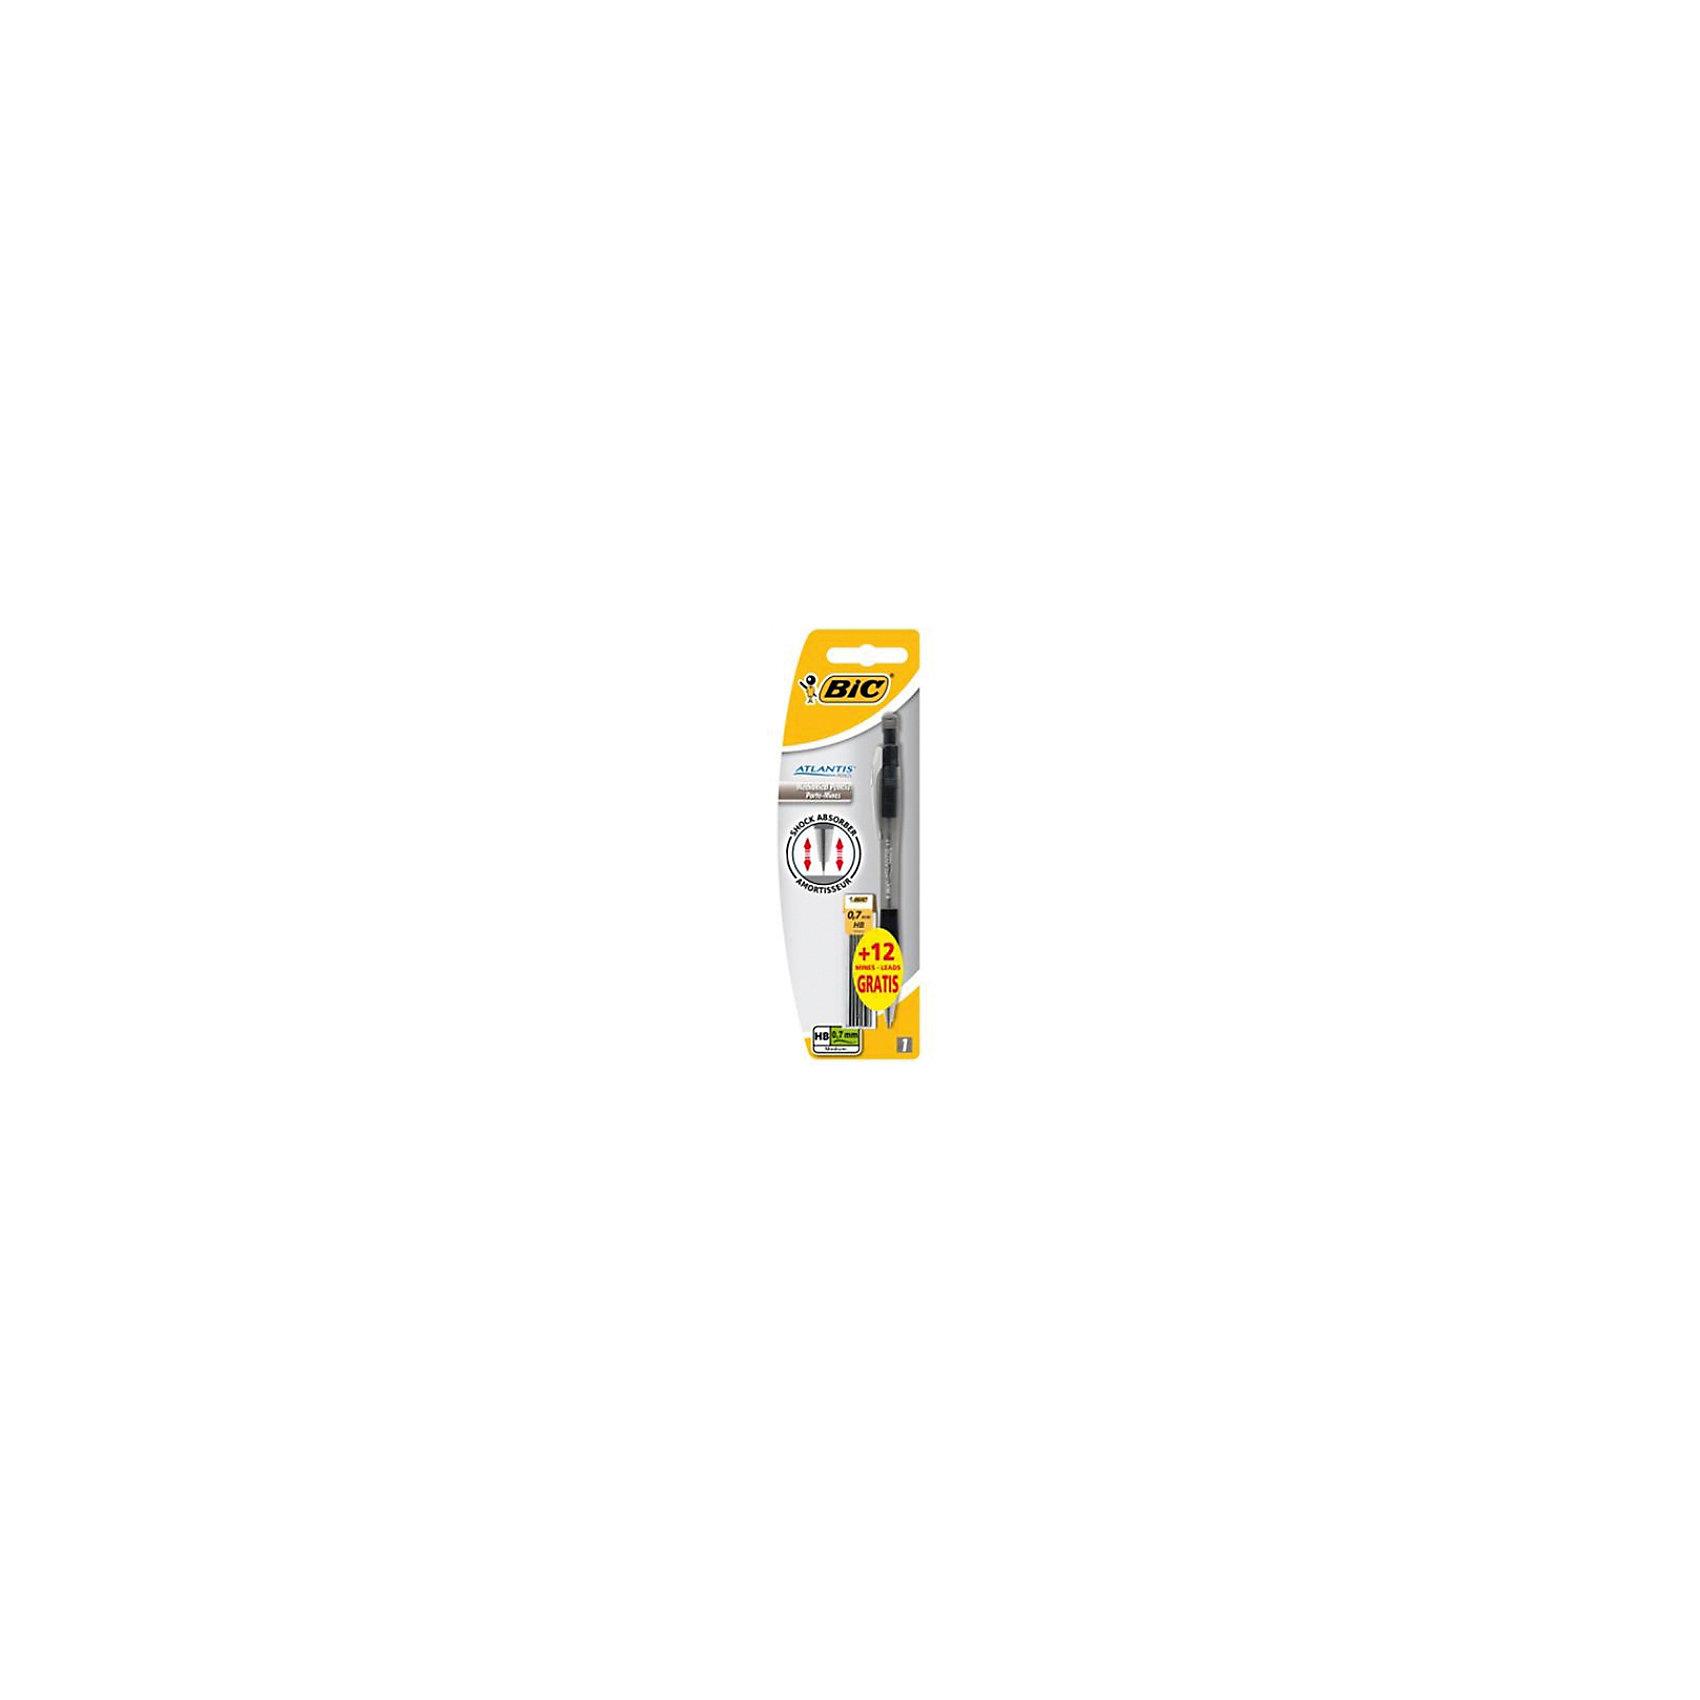 Карандаш механический Bic Atlantic, чернографитный со сменными грифелямиПисьменные принадлежности<br>Характеристики:<br><br>• возраст: от 5 лет<br>• в наборе: чернографитовый механический карандаш, 12 грифелей<br>• длина карандаша: 15 см.<br>• толщина грифеля: 0,7 мм.<br>• твердость: НВ<br>• материал корпуса: пластик<br>• упаковка: блистер<br><br>Механический карандаш Bic «Atlantis» со сменными грифелями будет незаменимым помощником в офисе и дома. Мягкий S-образный грип обеспечит высокую степень комфорта. У карандаша прочный металлический зажим и конусообразный носик. Механизм долгослужаший: 5 000 нажатий с одинаково высокой эффективностью. В кнопку встроен ластик для графита.<br><br>BIC Карандаш чернографитовый механический Atlantis + 12 грифелей, блистер можно купить в нашем интернет-магазине.<br><br>Ширина мм: 14<br>Глубина мм: 65<br>Высота мм: 197<br>Вес г: 22<br>Возраст от месяцев: 60<br>Возраст до месяцев: 2147483647<br>Пол: Унисекс<br>Возраст: Детский<br>SKU: 7065338